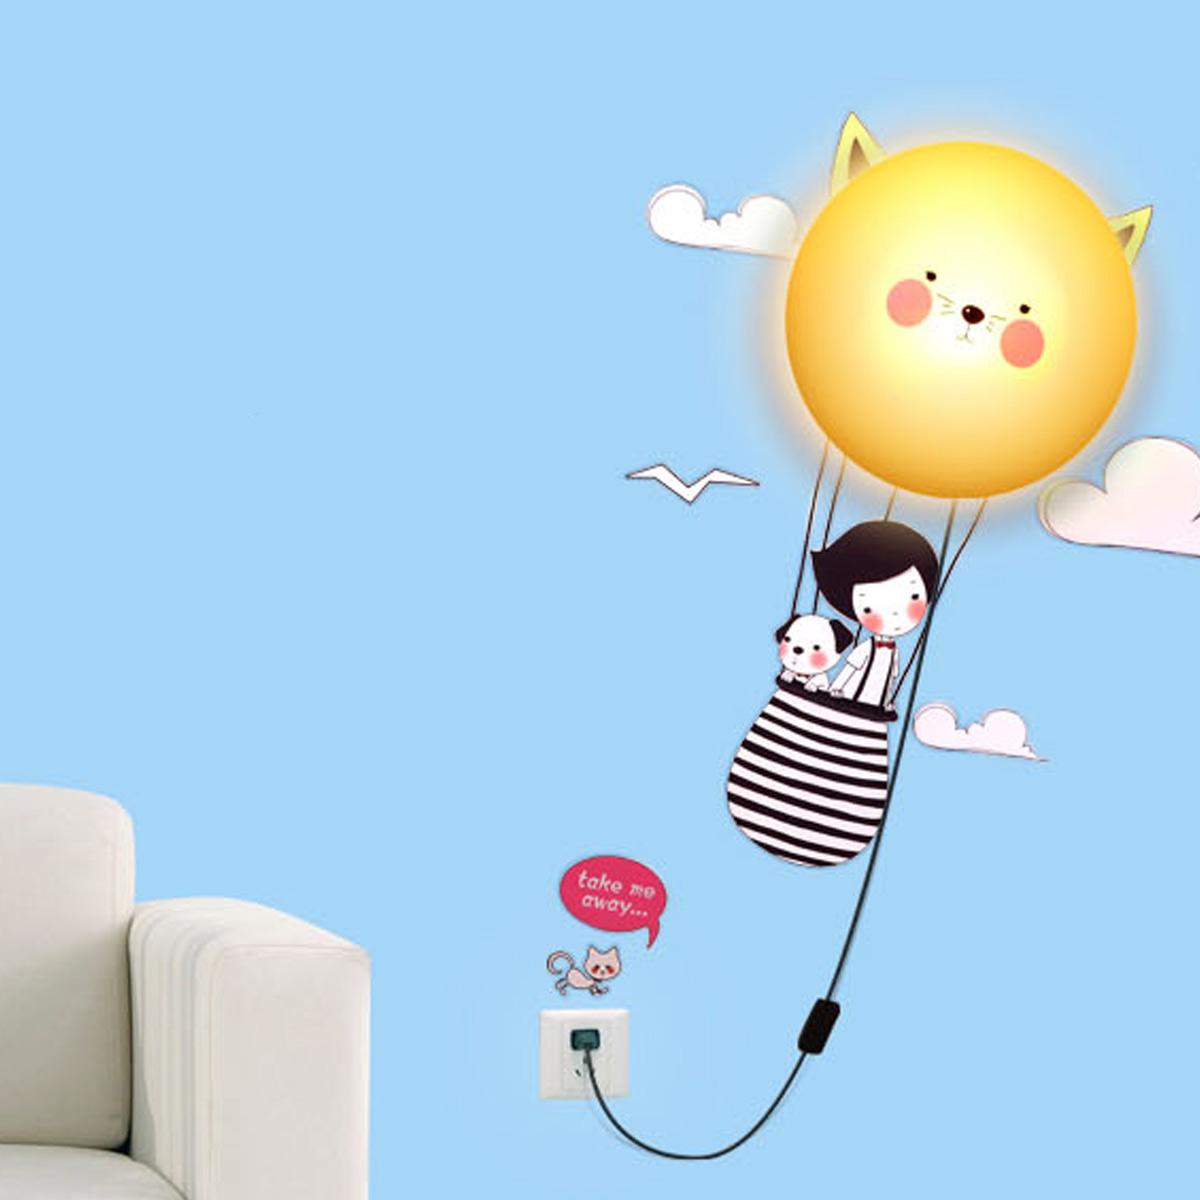 kinderlampe wanddekoration kinderzimmer mit wandtattoo sonne ebay. Black Bedroom Furniture Sets. Home Design Ideas